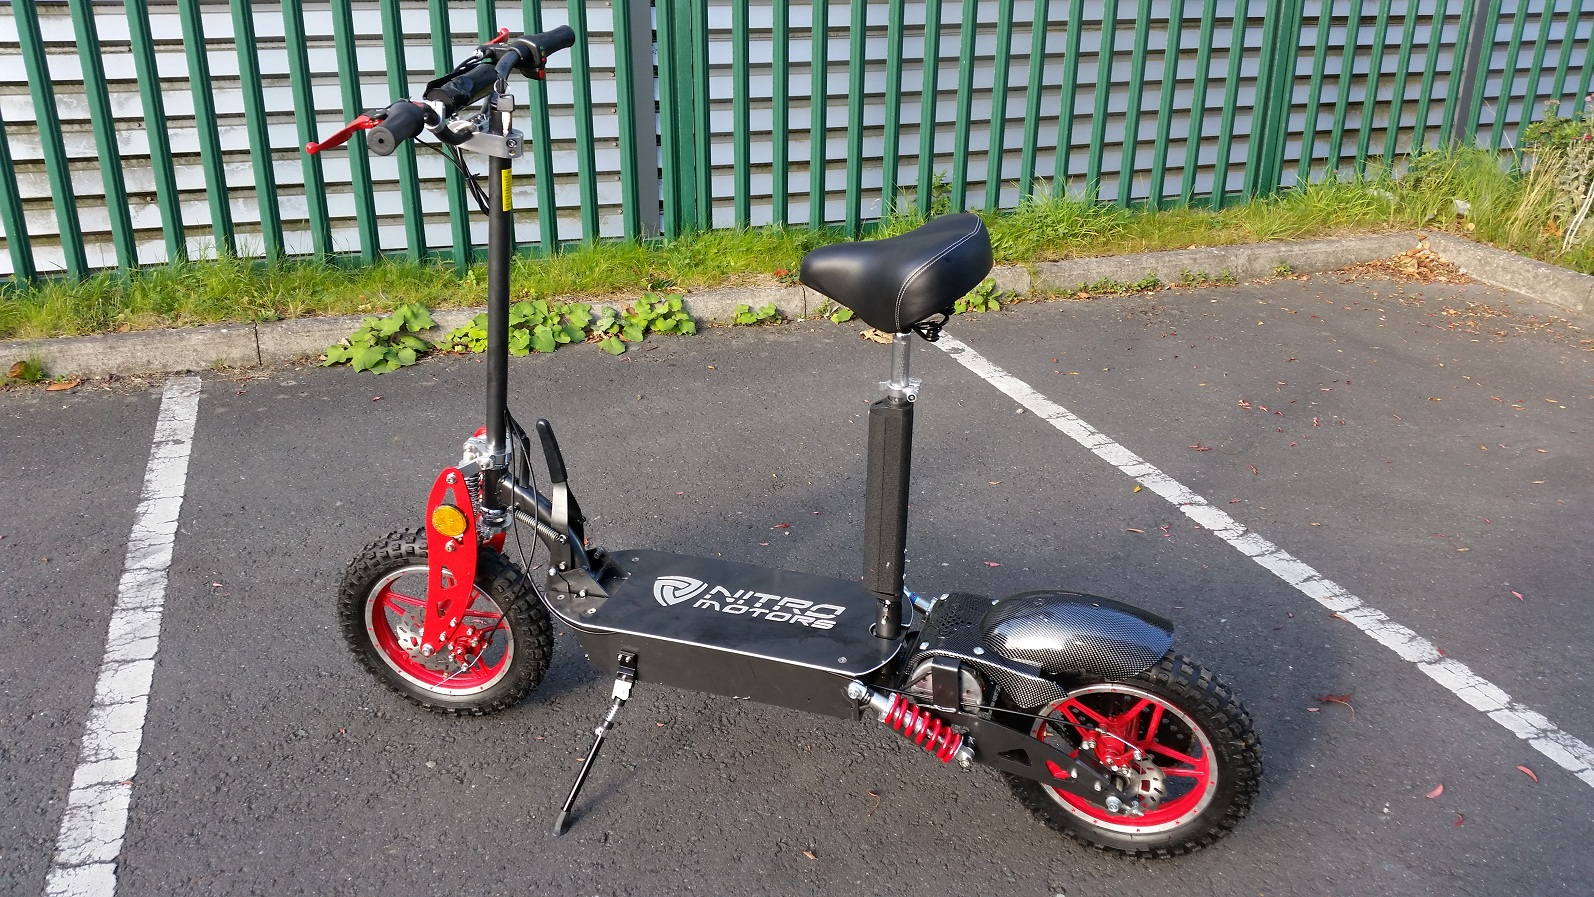 twister offroad electric scooter 1000w 48v 4x12v. Black Bedroom Furniture Sets. Home Design Ideas